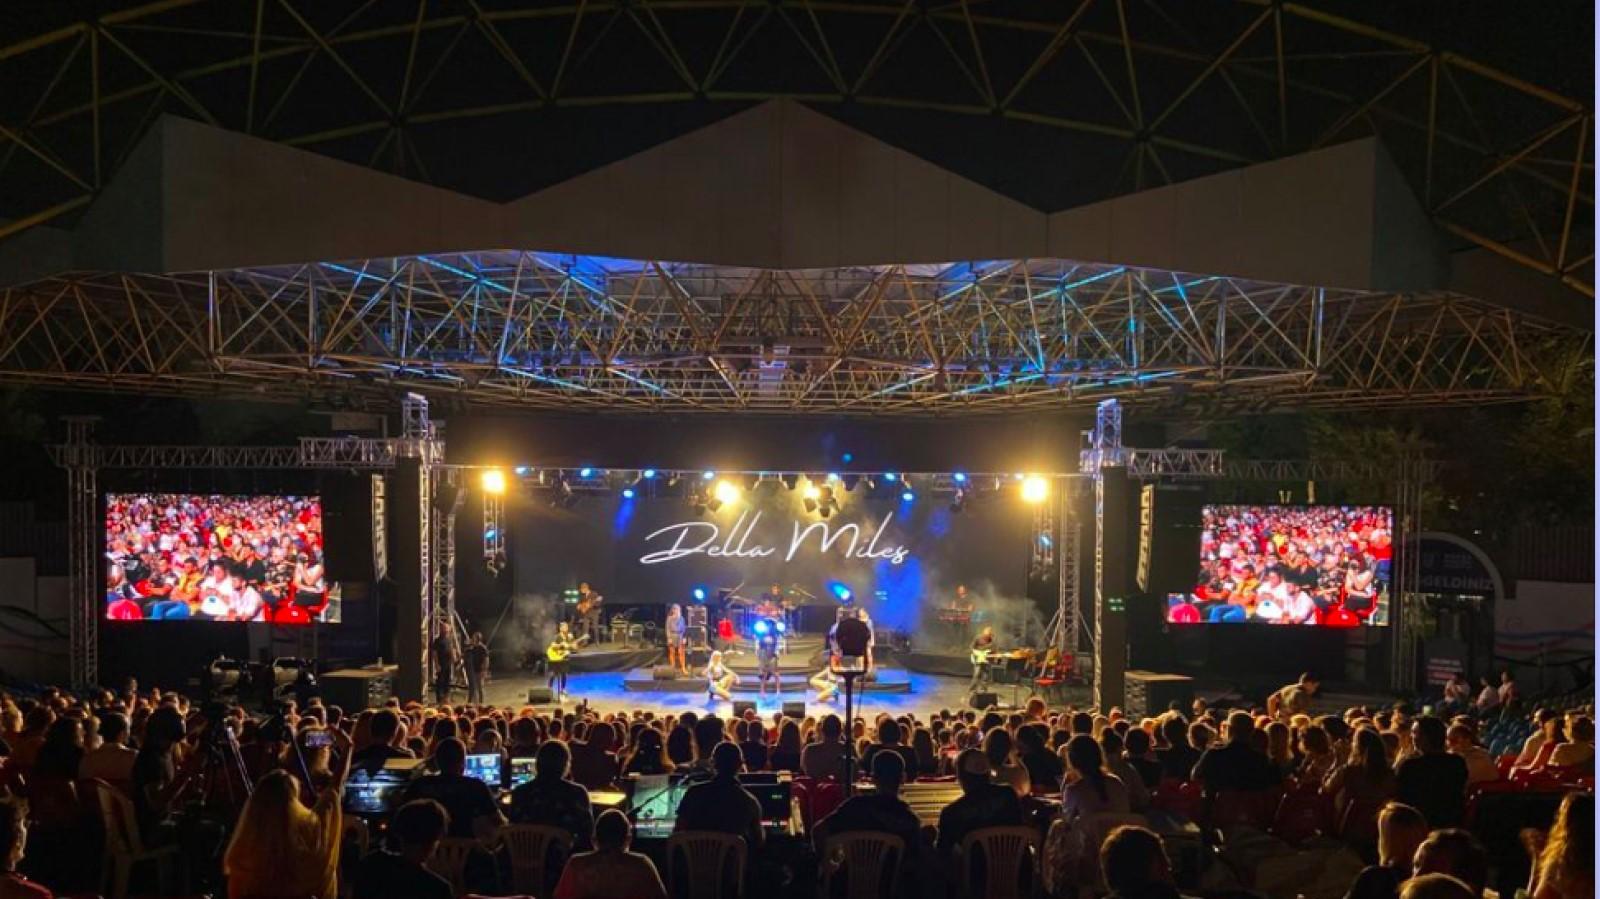 Uluslararası Bursa Festivali